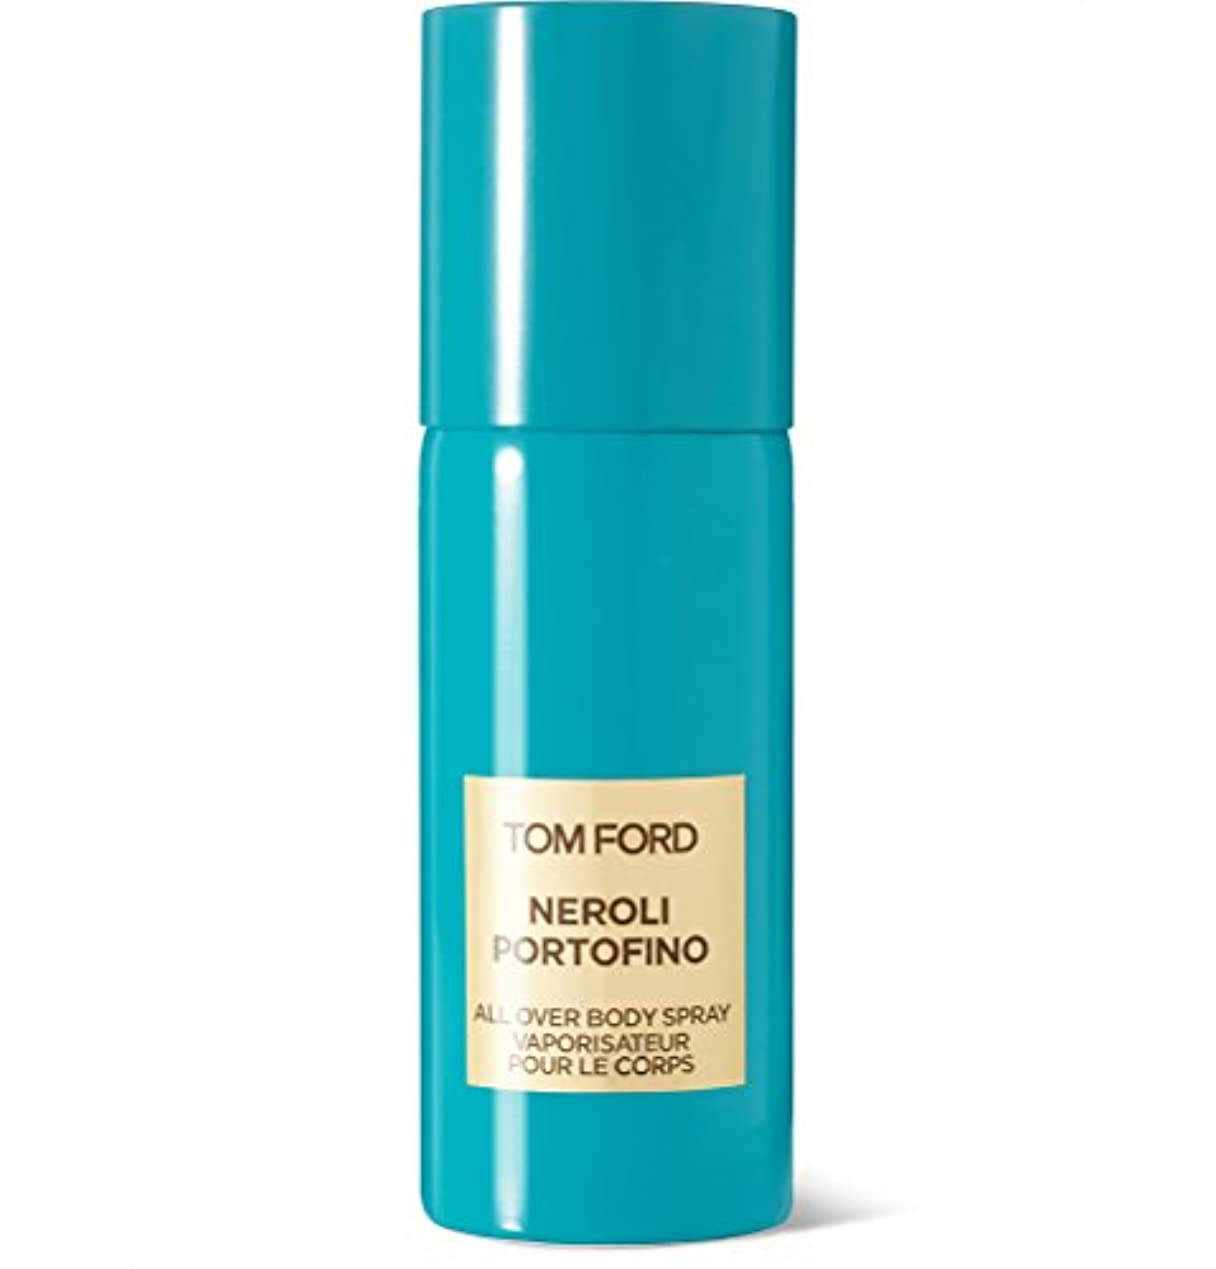 対抗ブロック敵意Tom Ford Private Blend 'Neroli Portofino' (トムフォード プライベートブレンド ネロリポートフィーノ) 5.0 oz (150ml) Body Spray